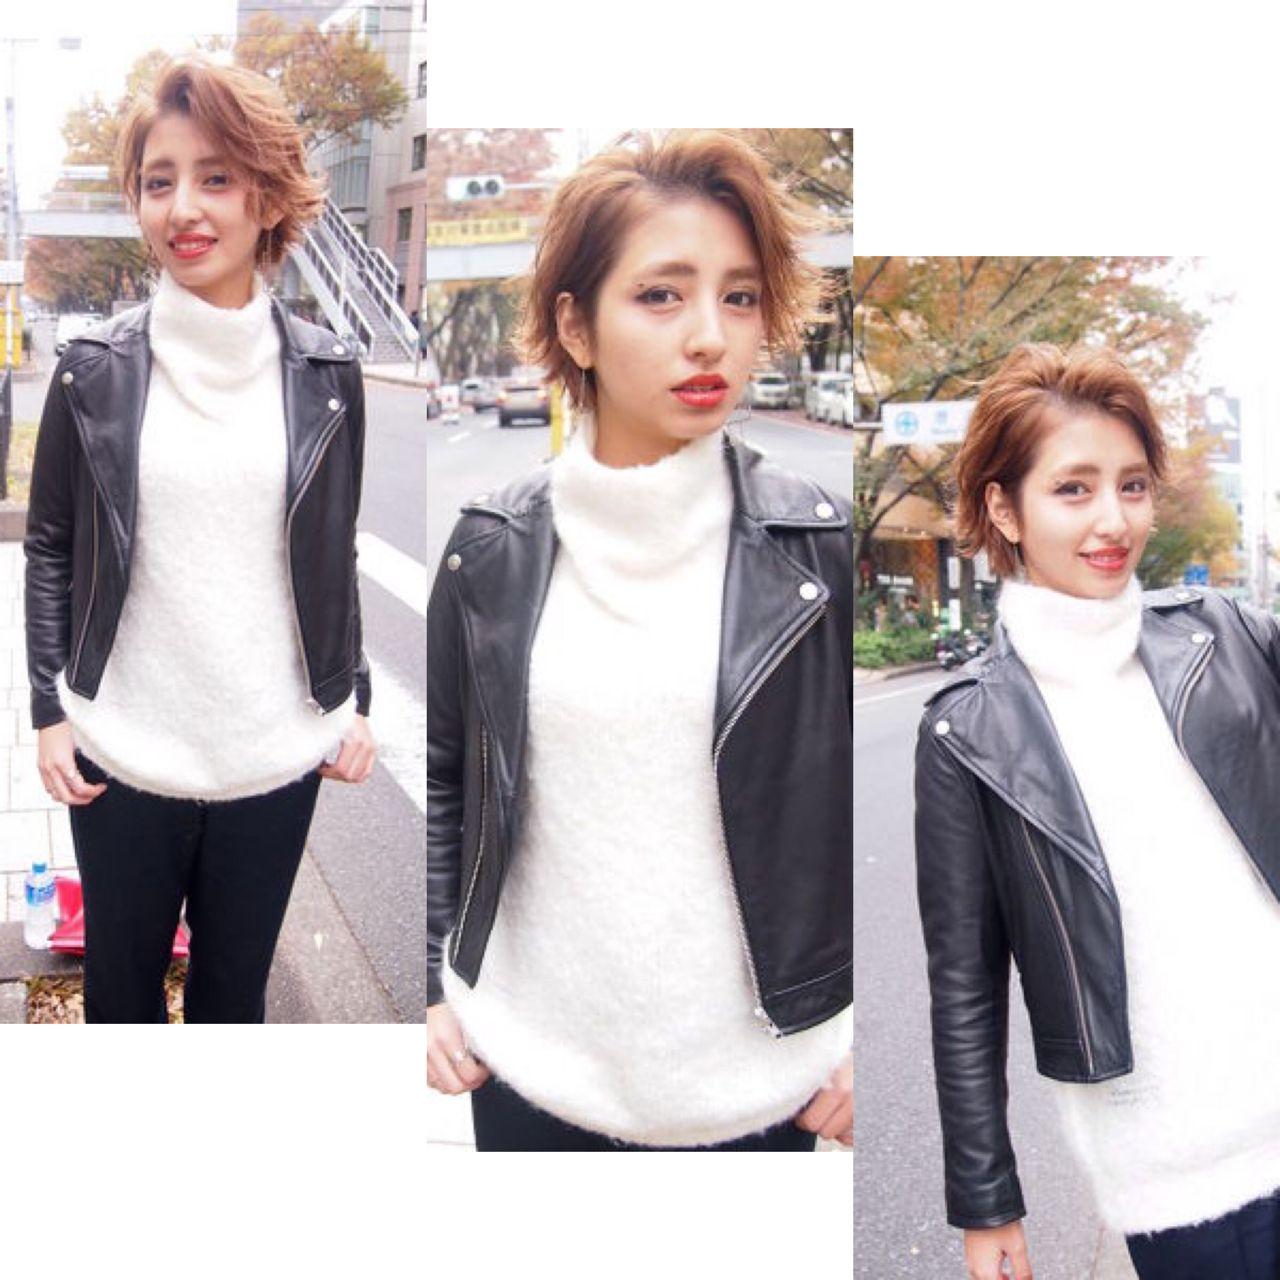 ジェンダーレス女子は中性的な髪型が決め手♡テイスト別にスタイル紹介! Rie Akita